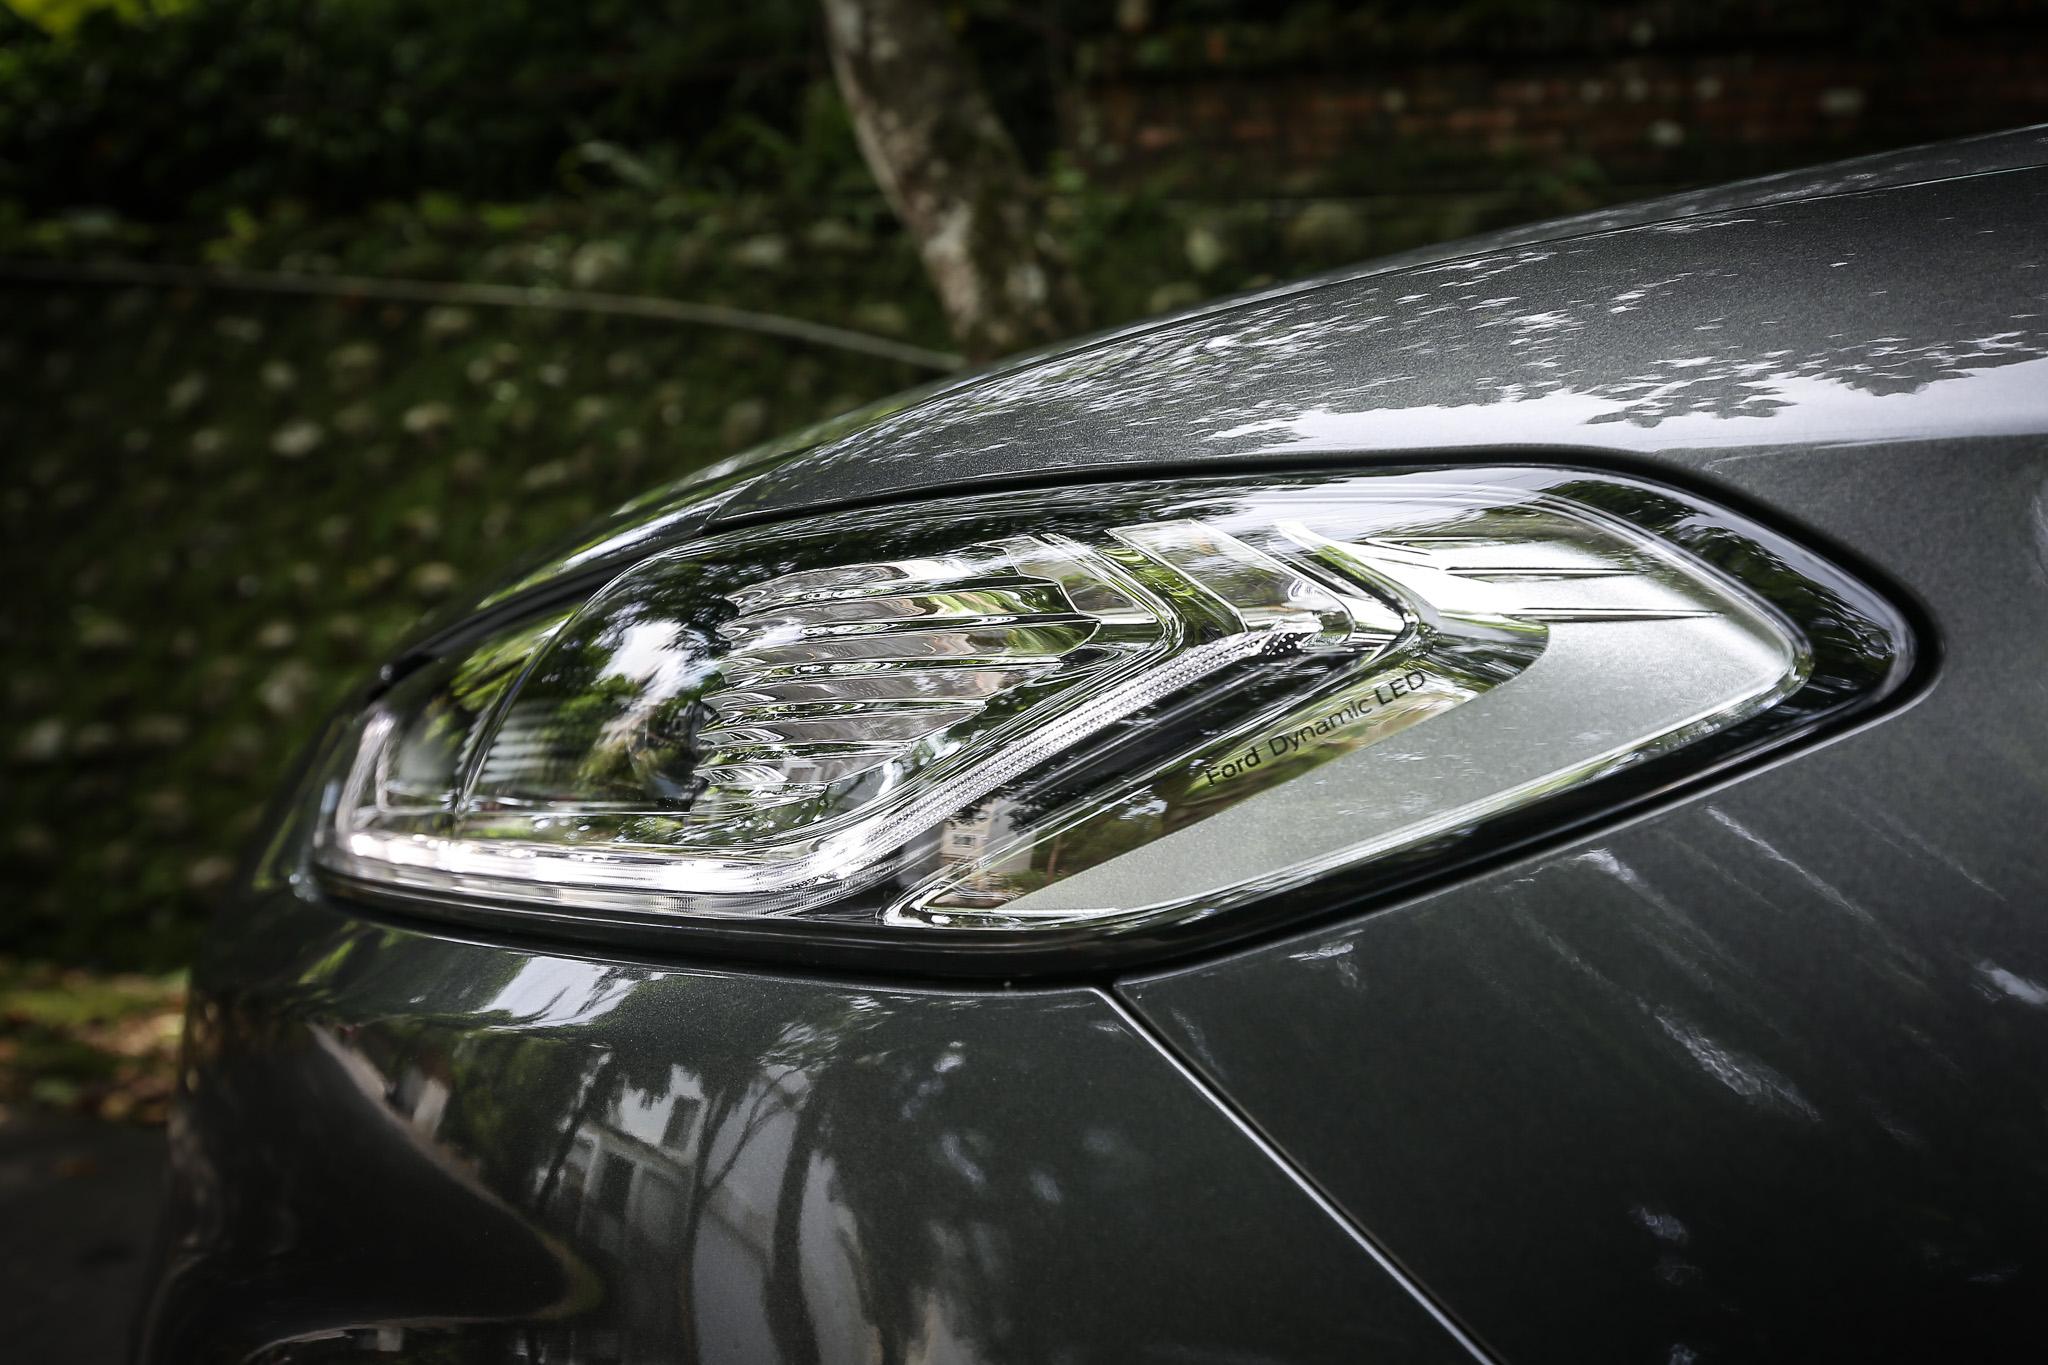 Ford Dynamic LED 智慧頭燈,搭載 AFS 頭燈主動式轉向照明輔助系統,並整合 AHB 自動遠光燈、光感應自動啟閉頭燈、LED 日行燈及 LED 序列式方向指示燈。